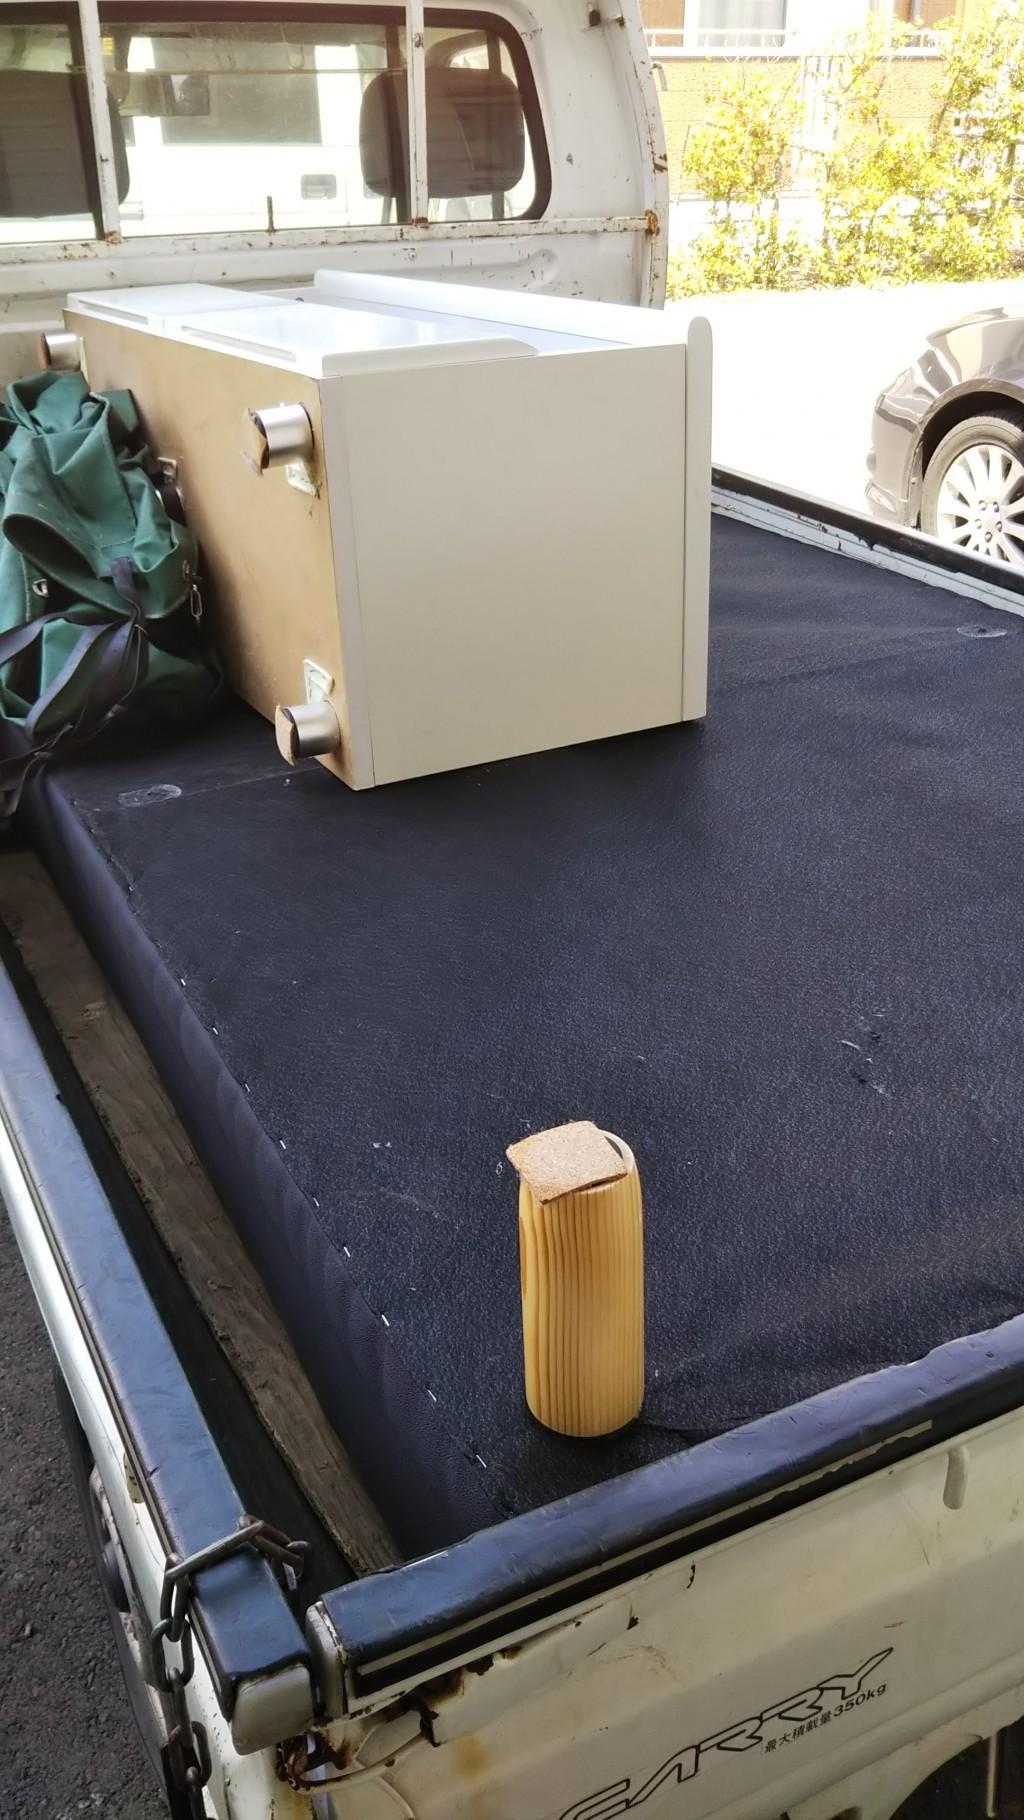 【出雲市荻杼町】タンスやベッドなど大型家具の回収☆提示額よりお安く済みご満足いただけました!